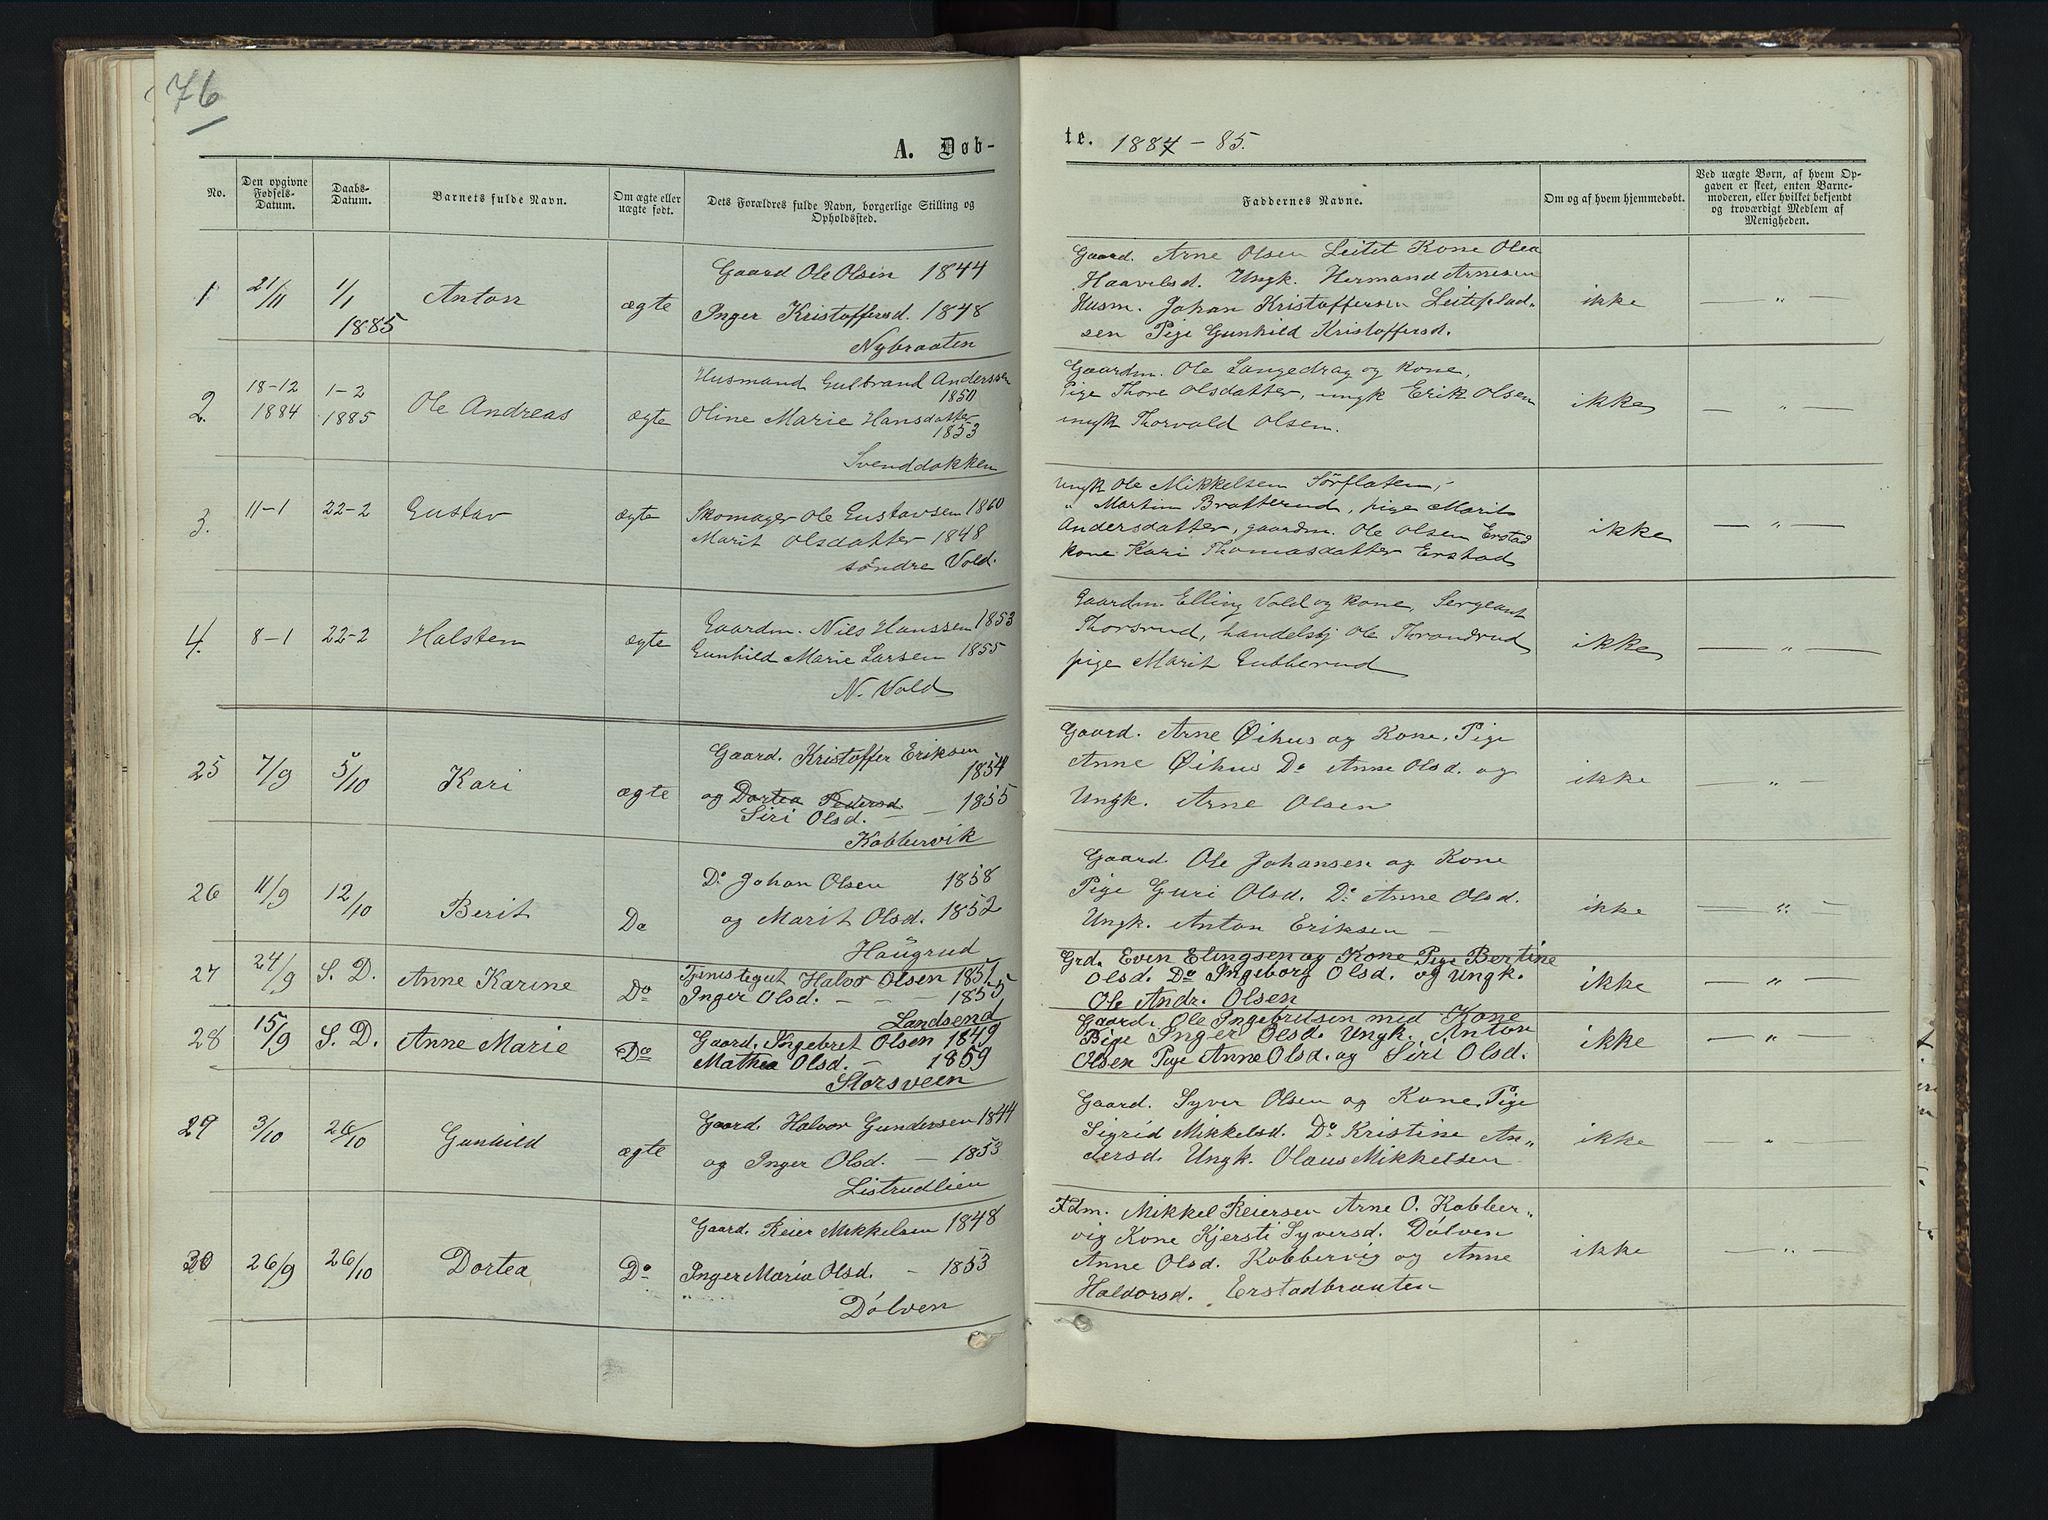 SAH, Sør-Aurdal prestekontor, Klokkerbok nr. 5, 1866-1893, s. 76